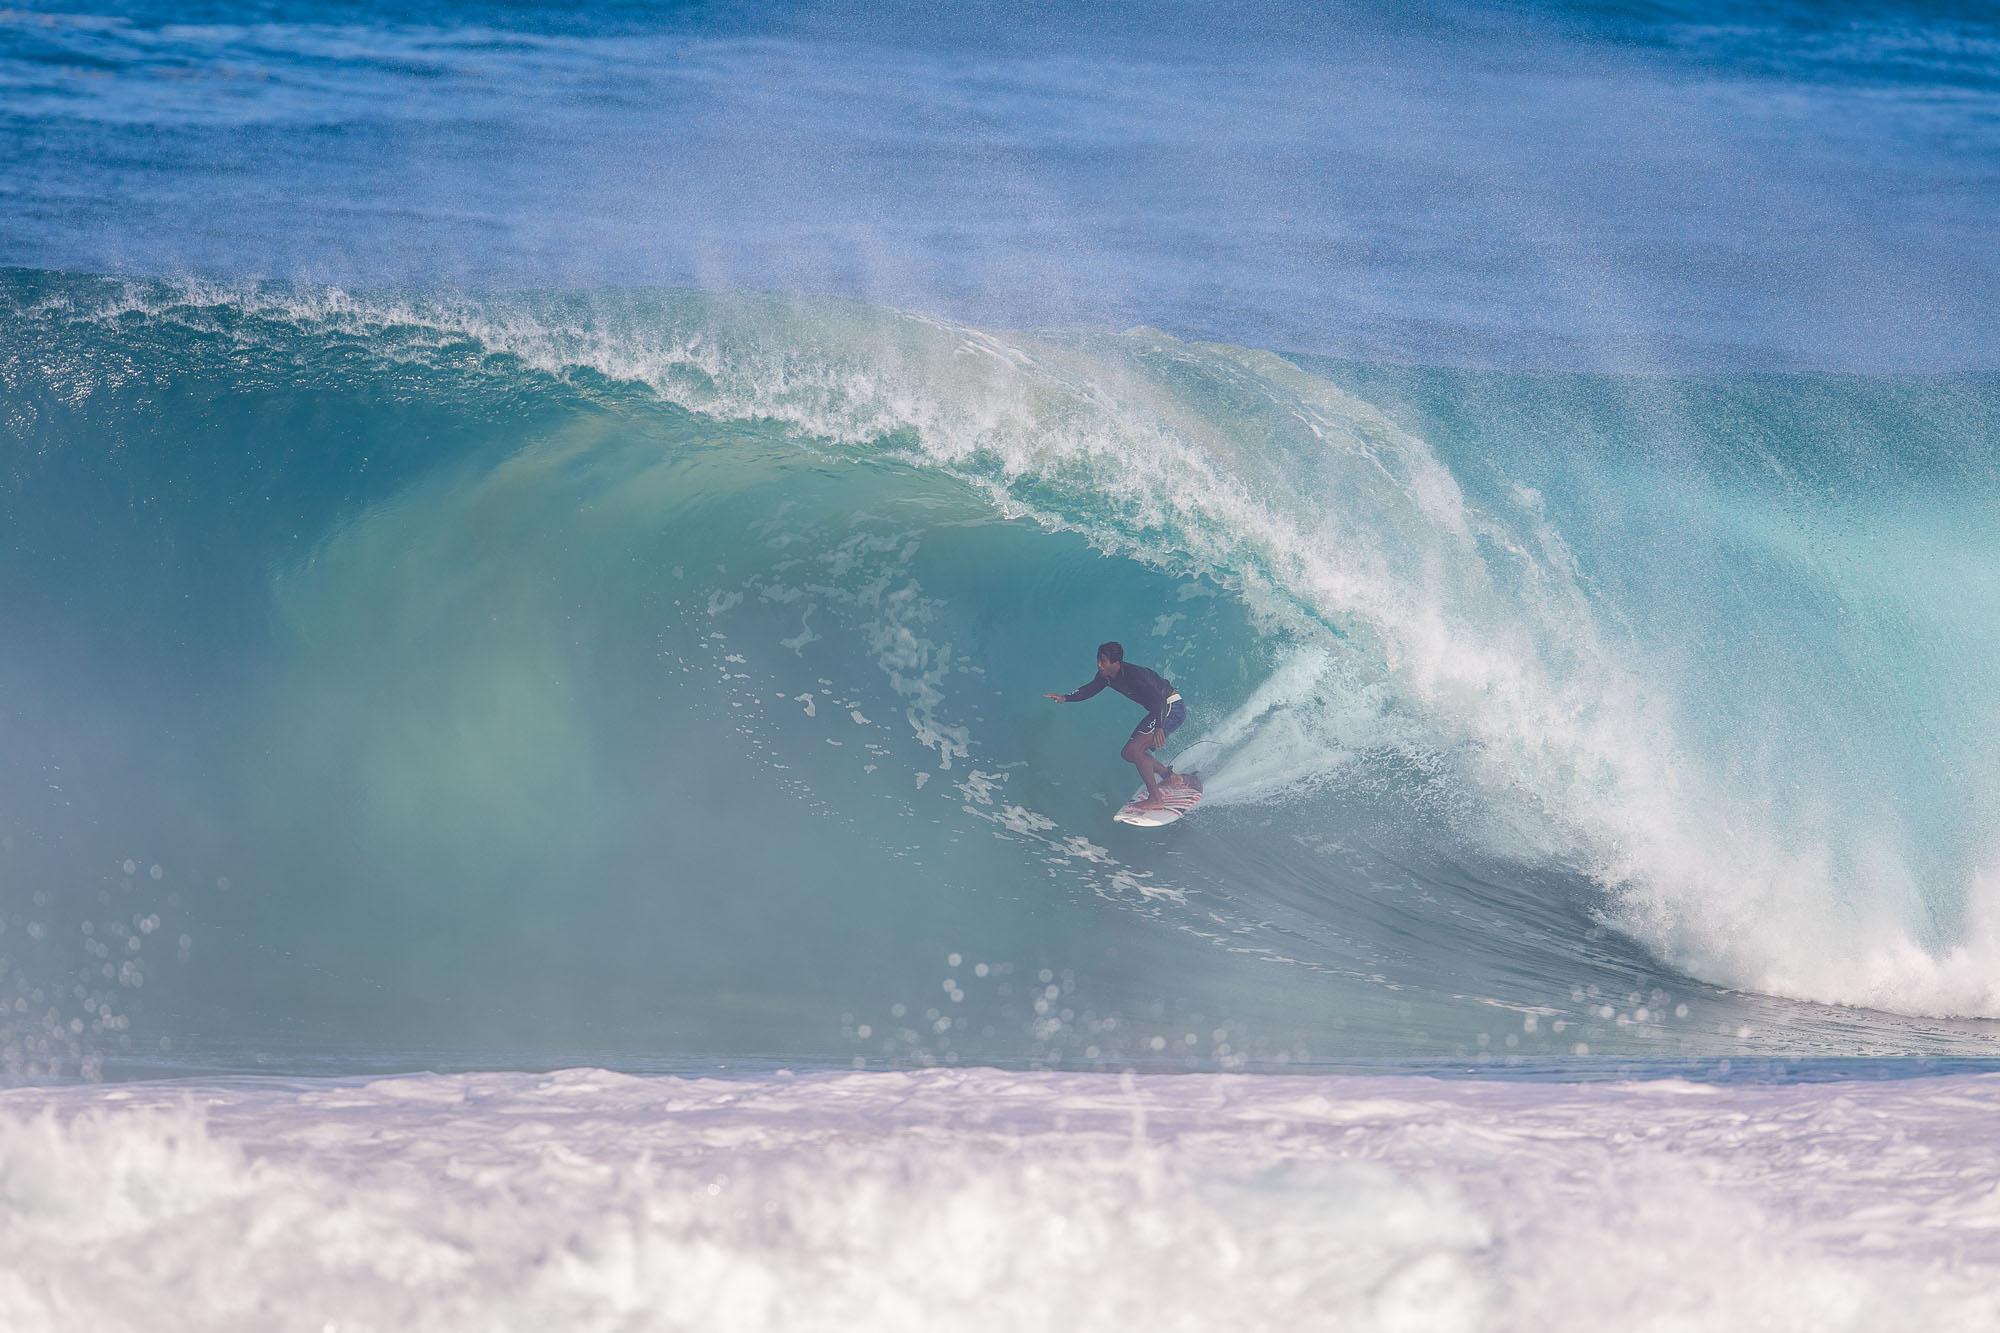 Kona oliveira moranthawaii1717752 surf station surf report leave a comment nvjuhfo Gallery